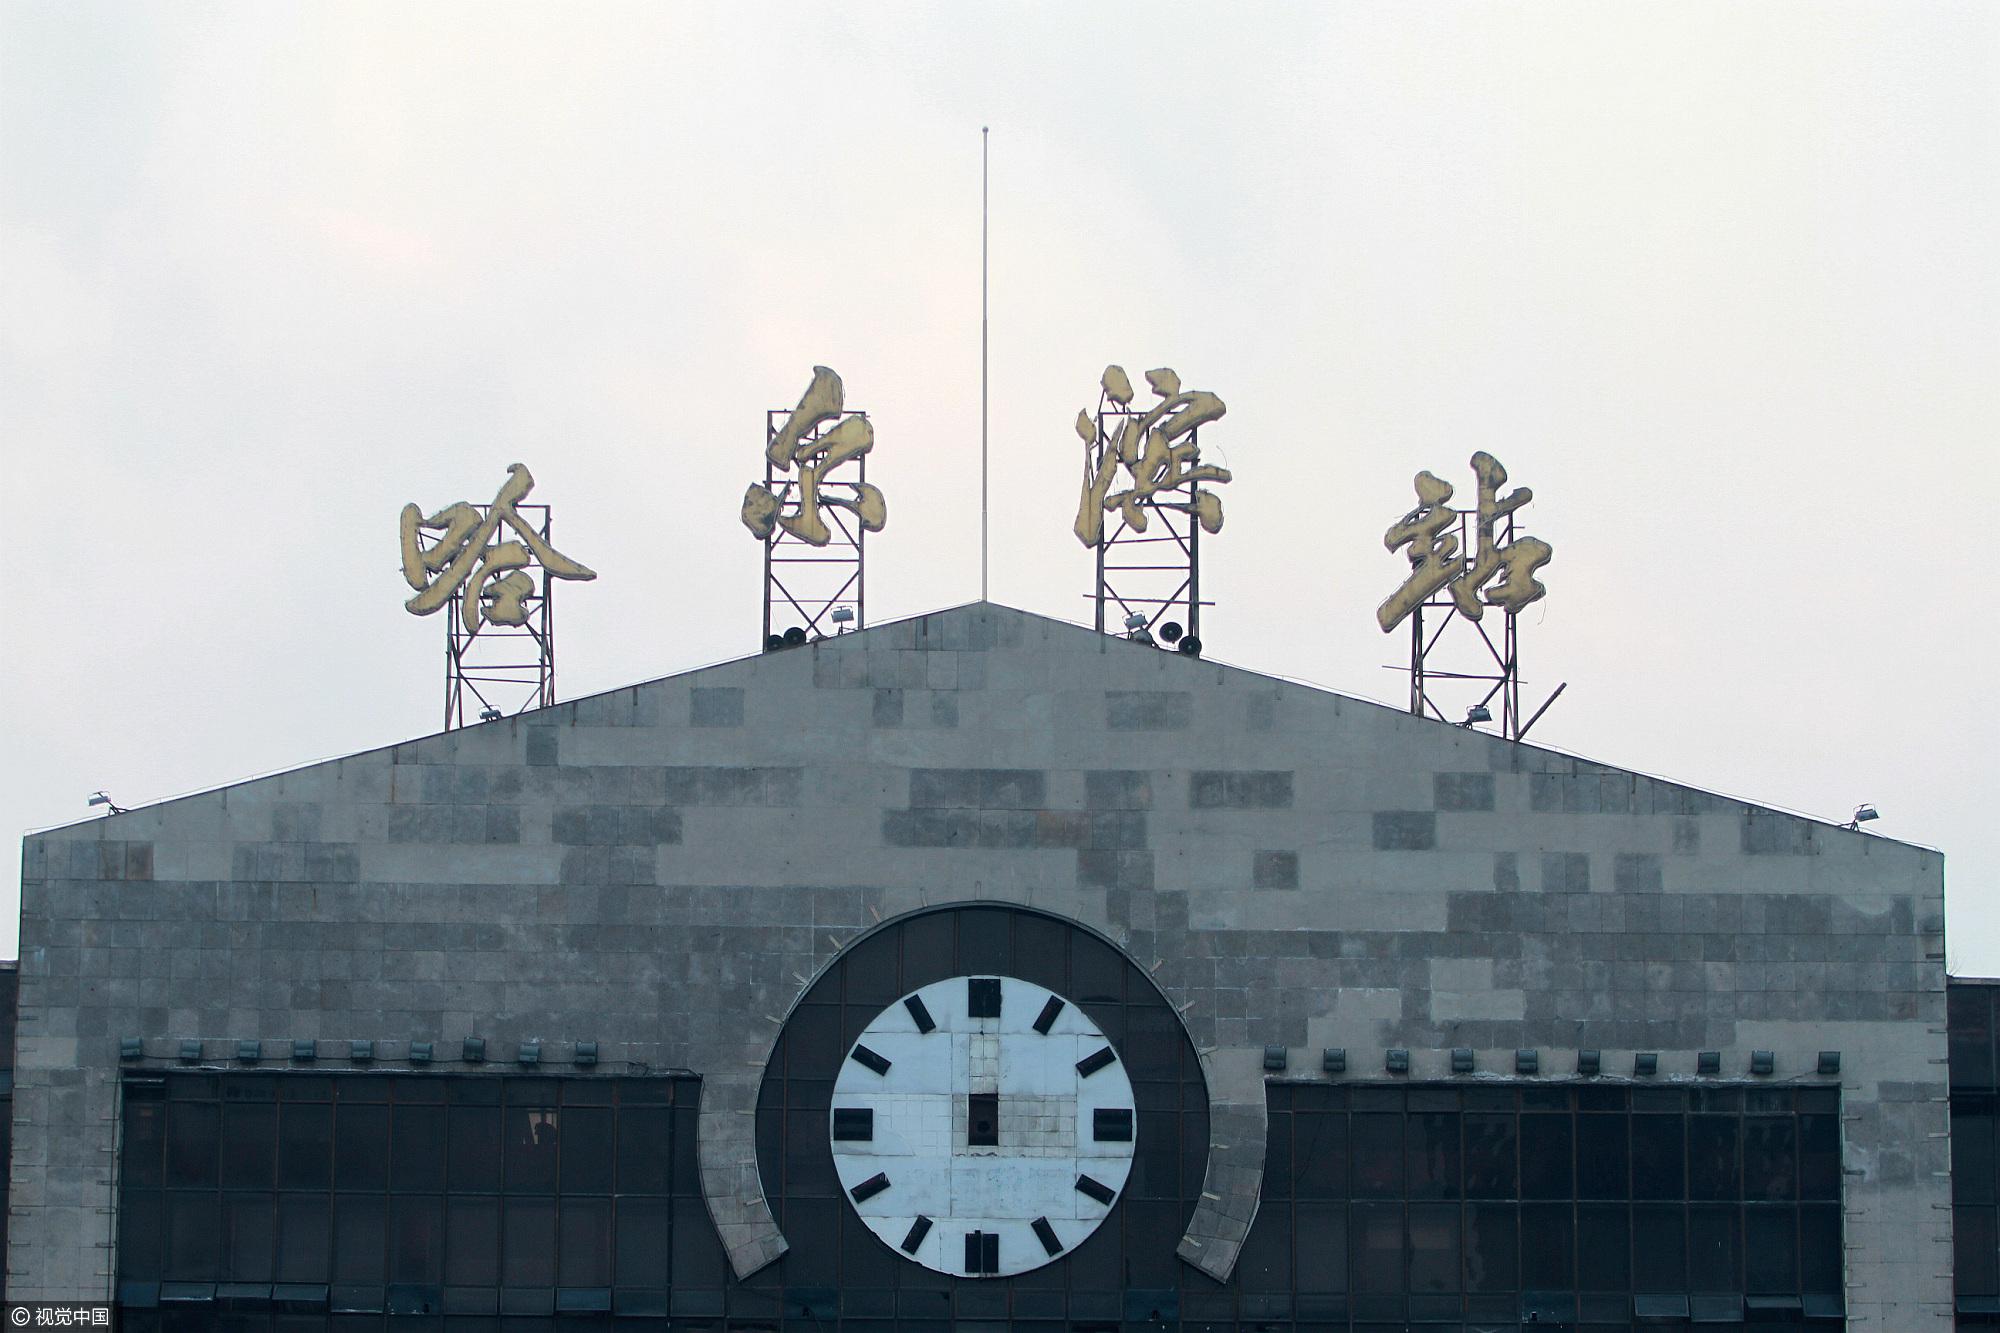 哈尔滨火车站改造工程正在进行